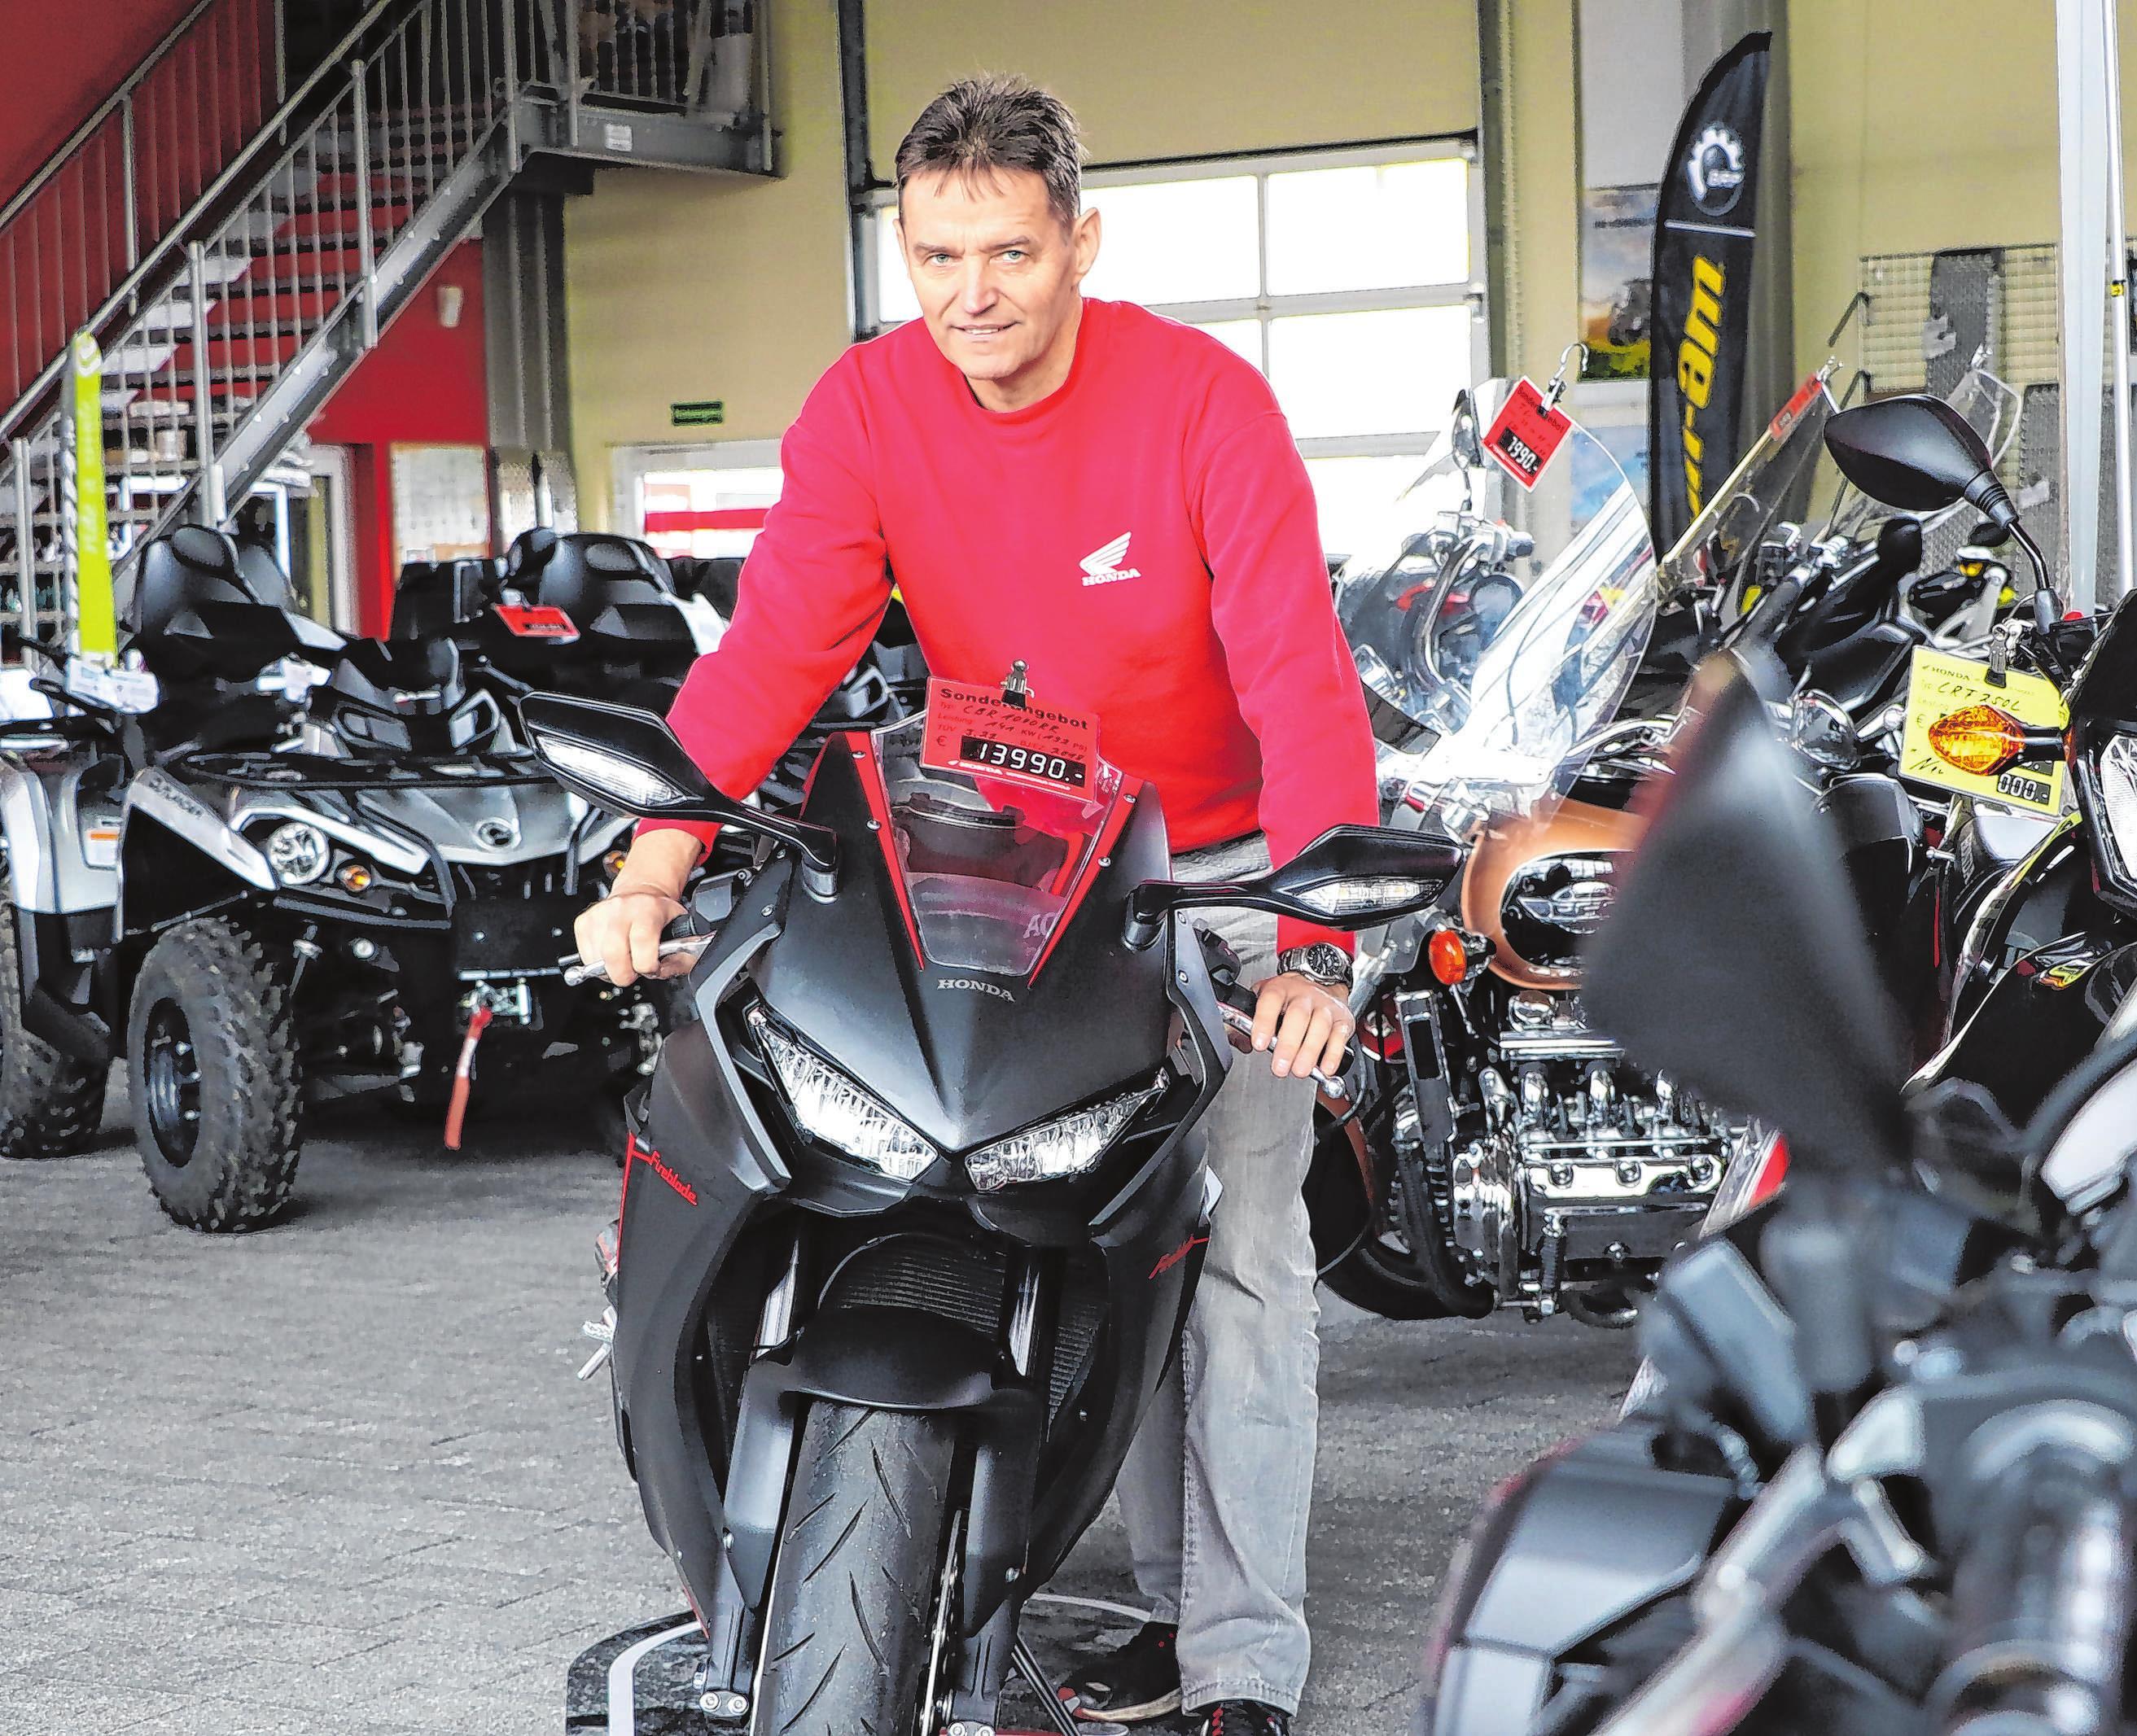 Inhaber Jörg Haigold präsentiert den Kunden eine Auswahl von über 60 Motorrädern, 100 Fahrrädern und 20 Quads.